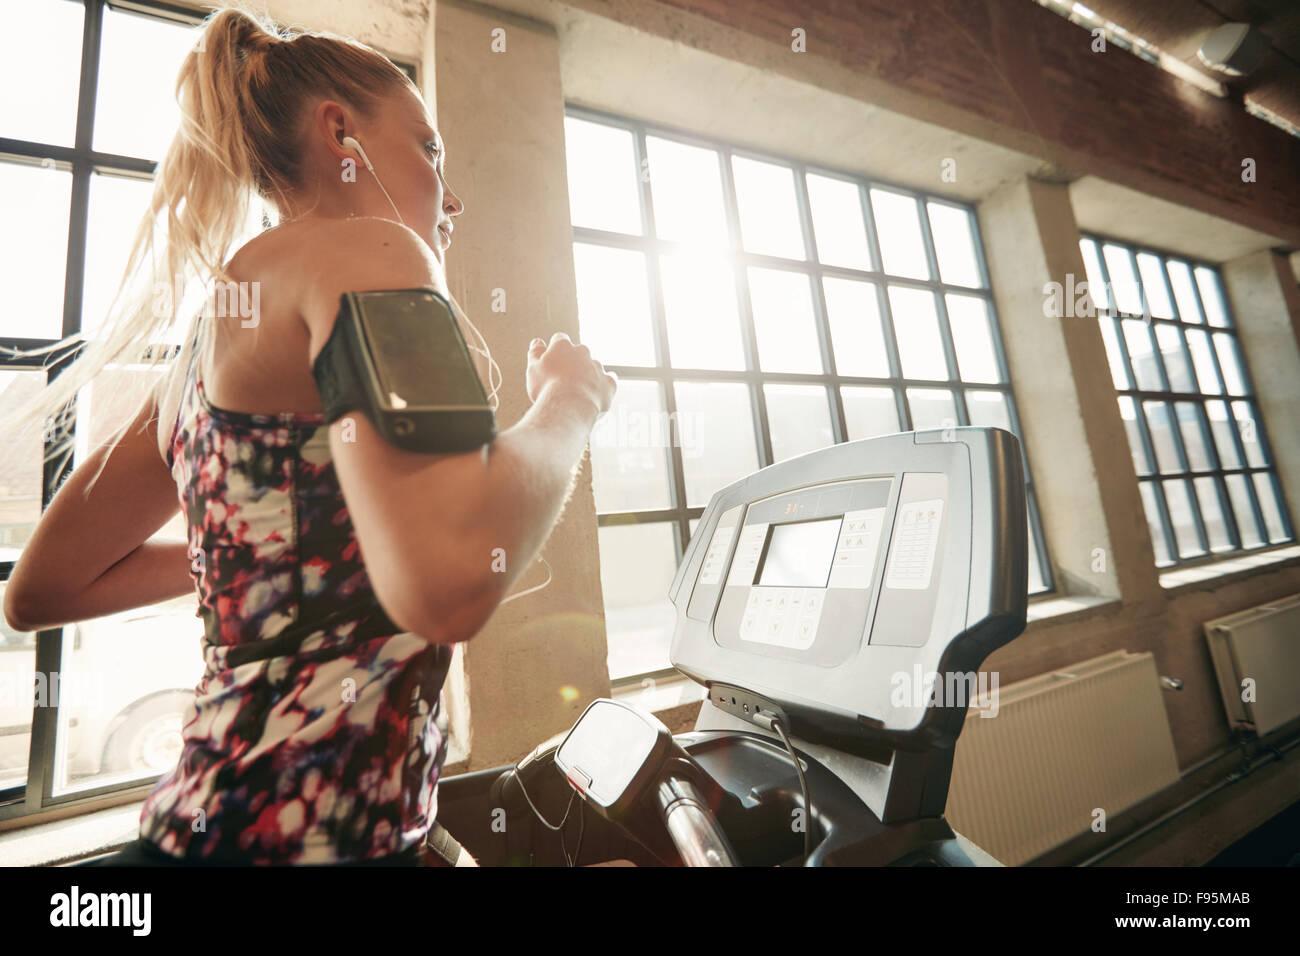 Les jeunes femmes ciblées l'élaboration à la salle de sport le jogging sur un tapis roulant. Photo Stock